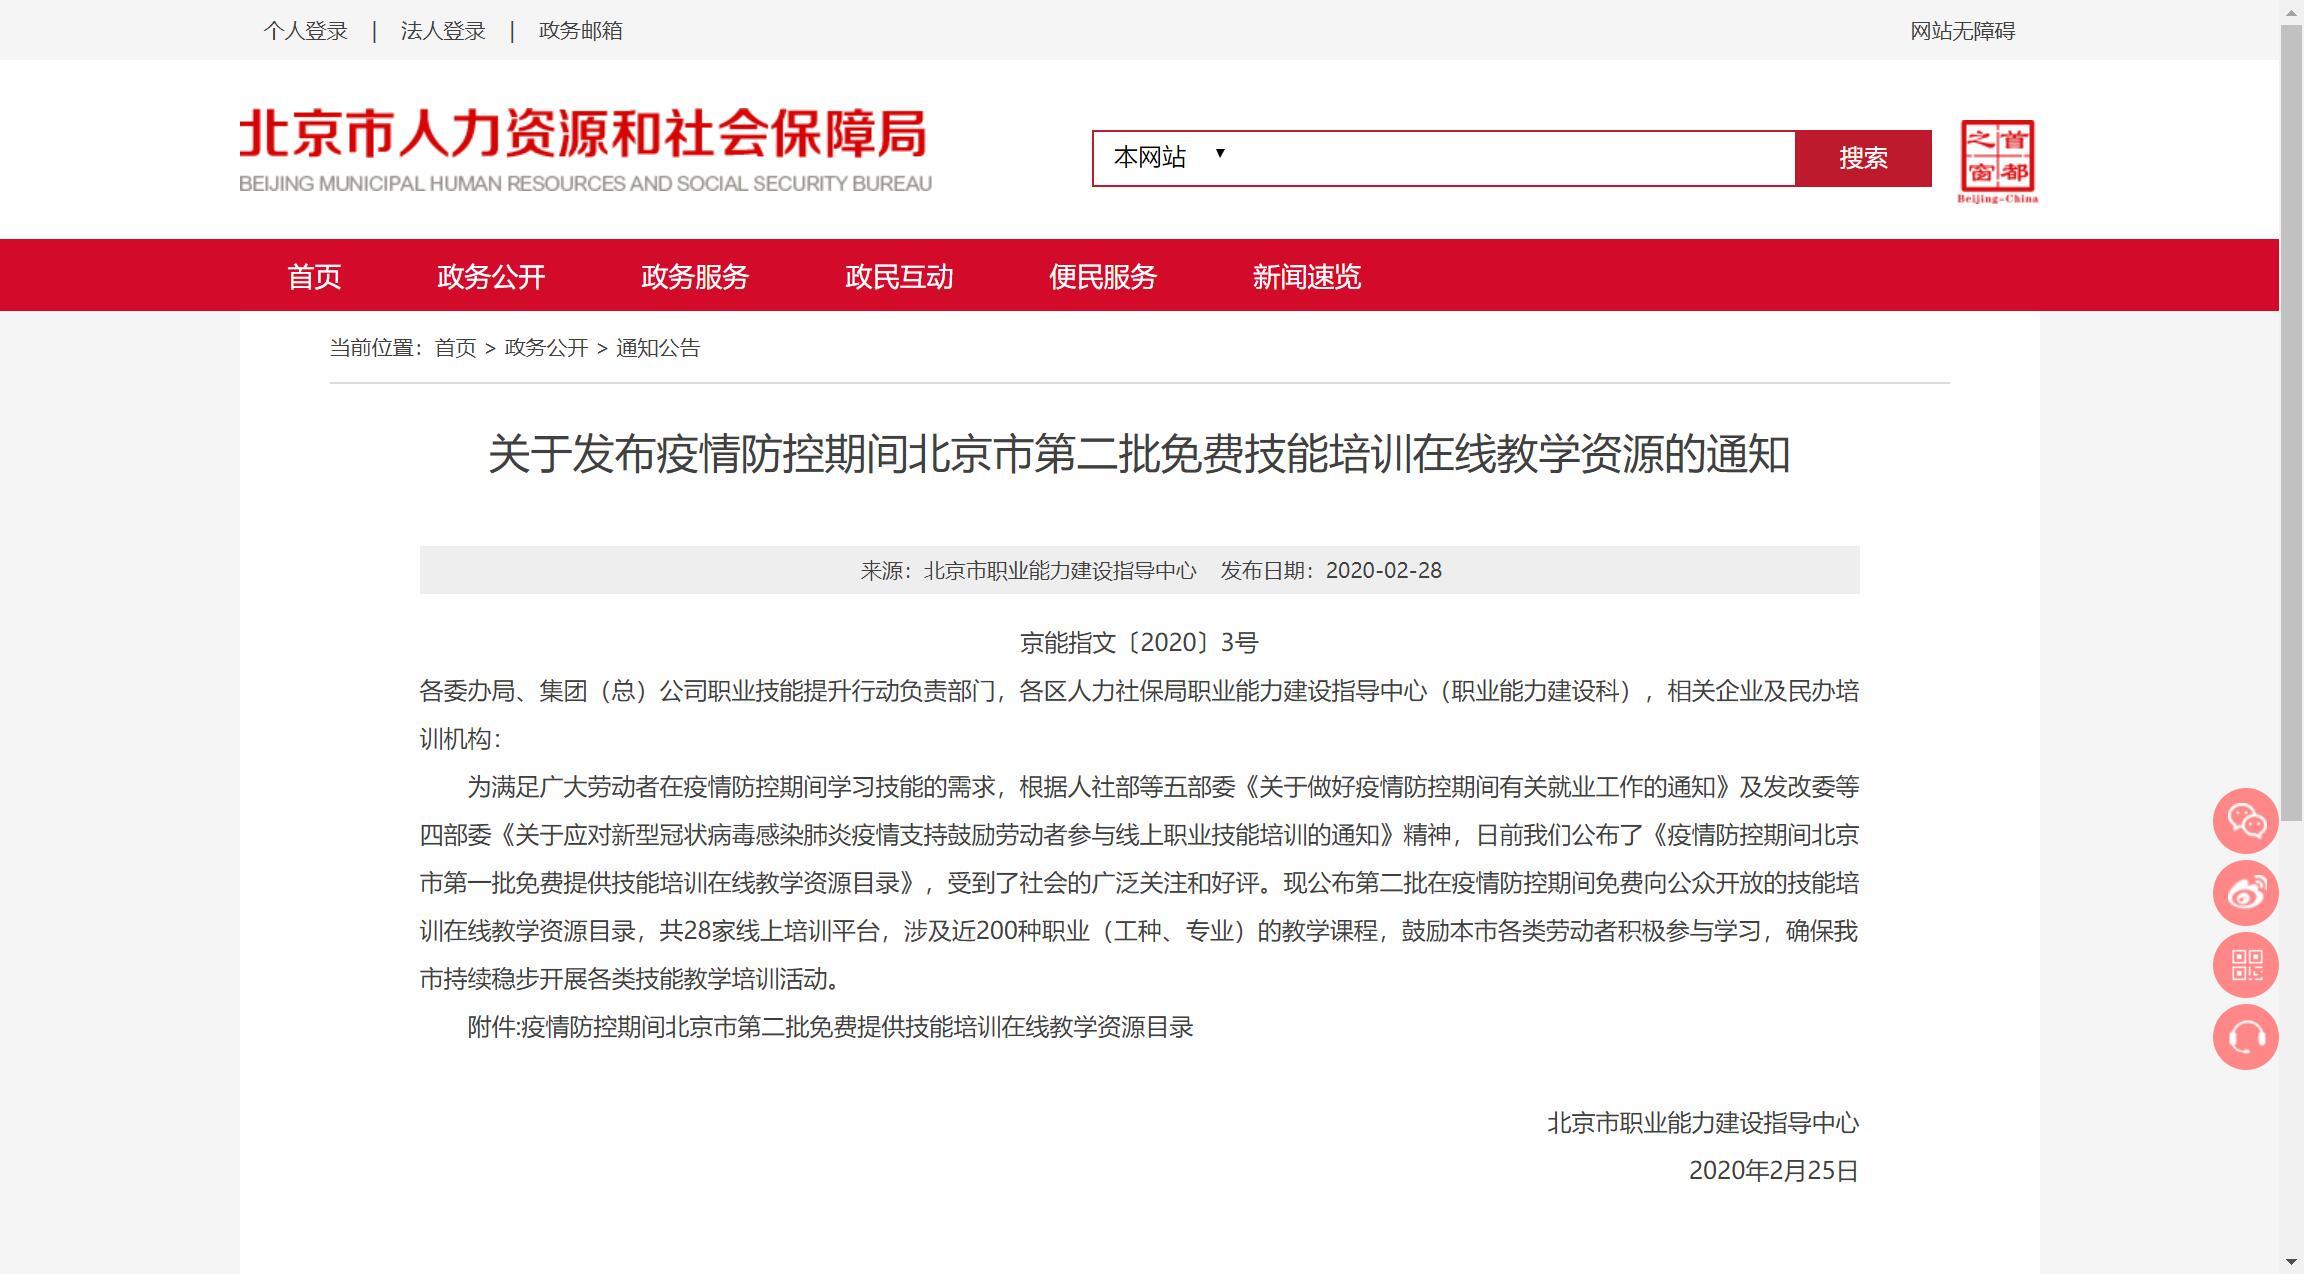 北京市人社局 | 职培在线入选免费技能培训在线教学资源目录